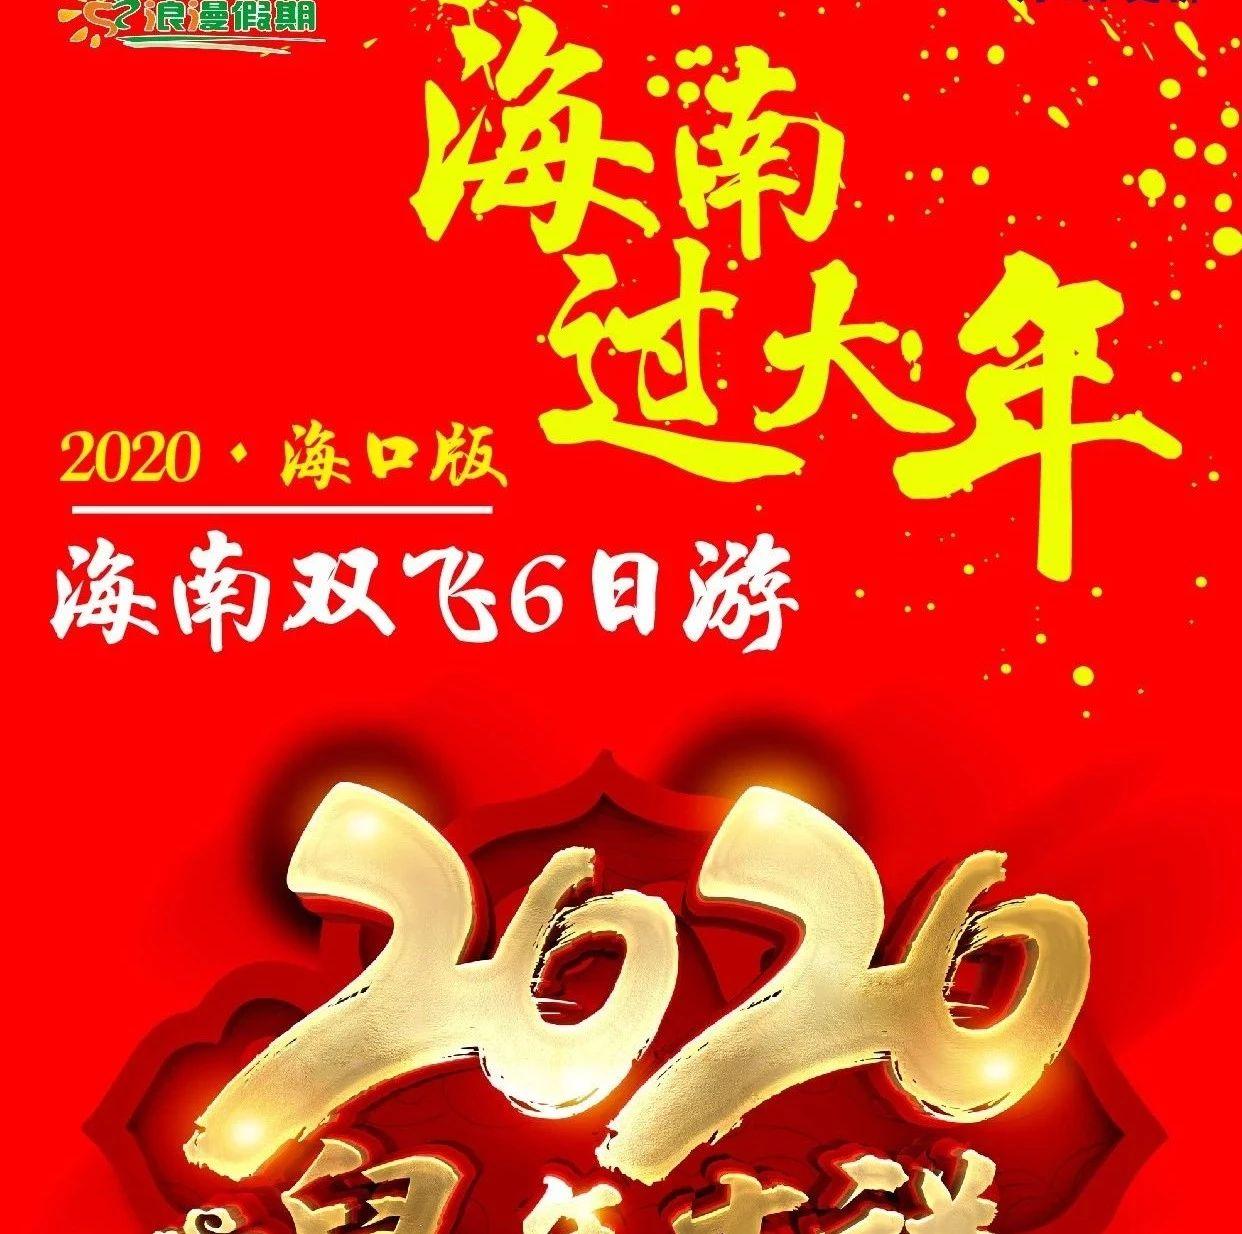 【过年游海南丨春节特供】2020年春节丨三亚双飞线路大全